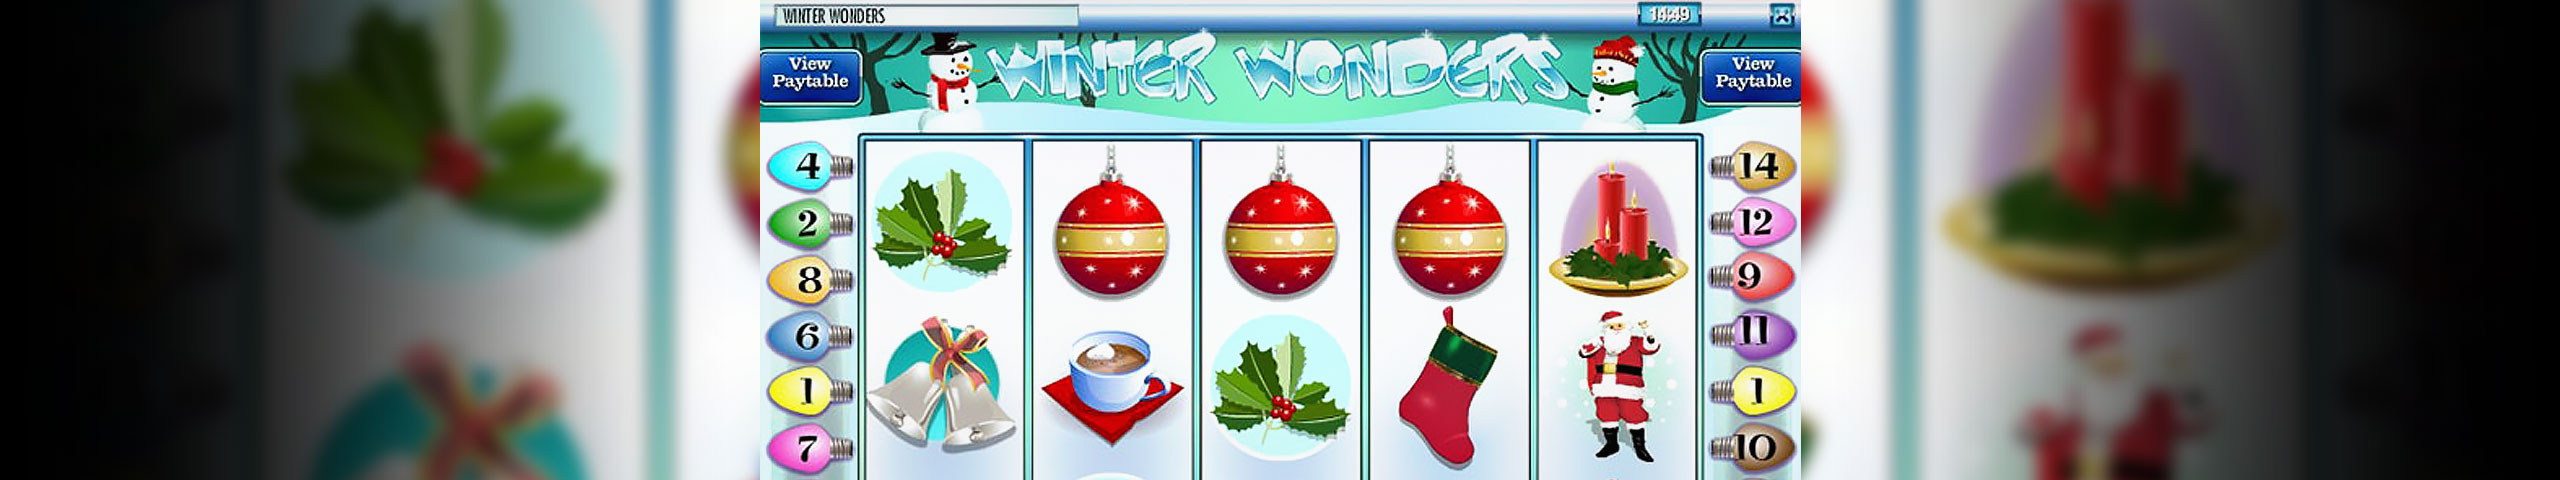 Spelautomater Winter Wonders, Rival Gaming Slider - Wyrmspel.com